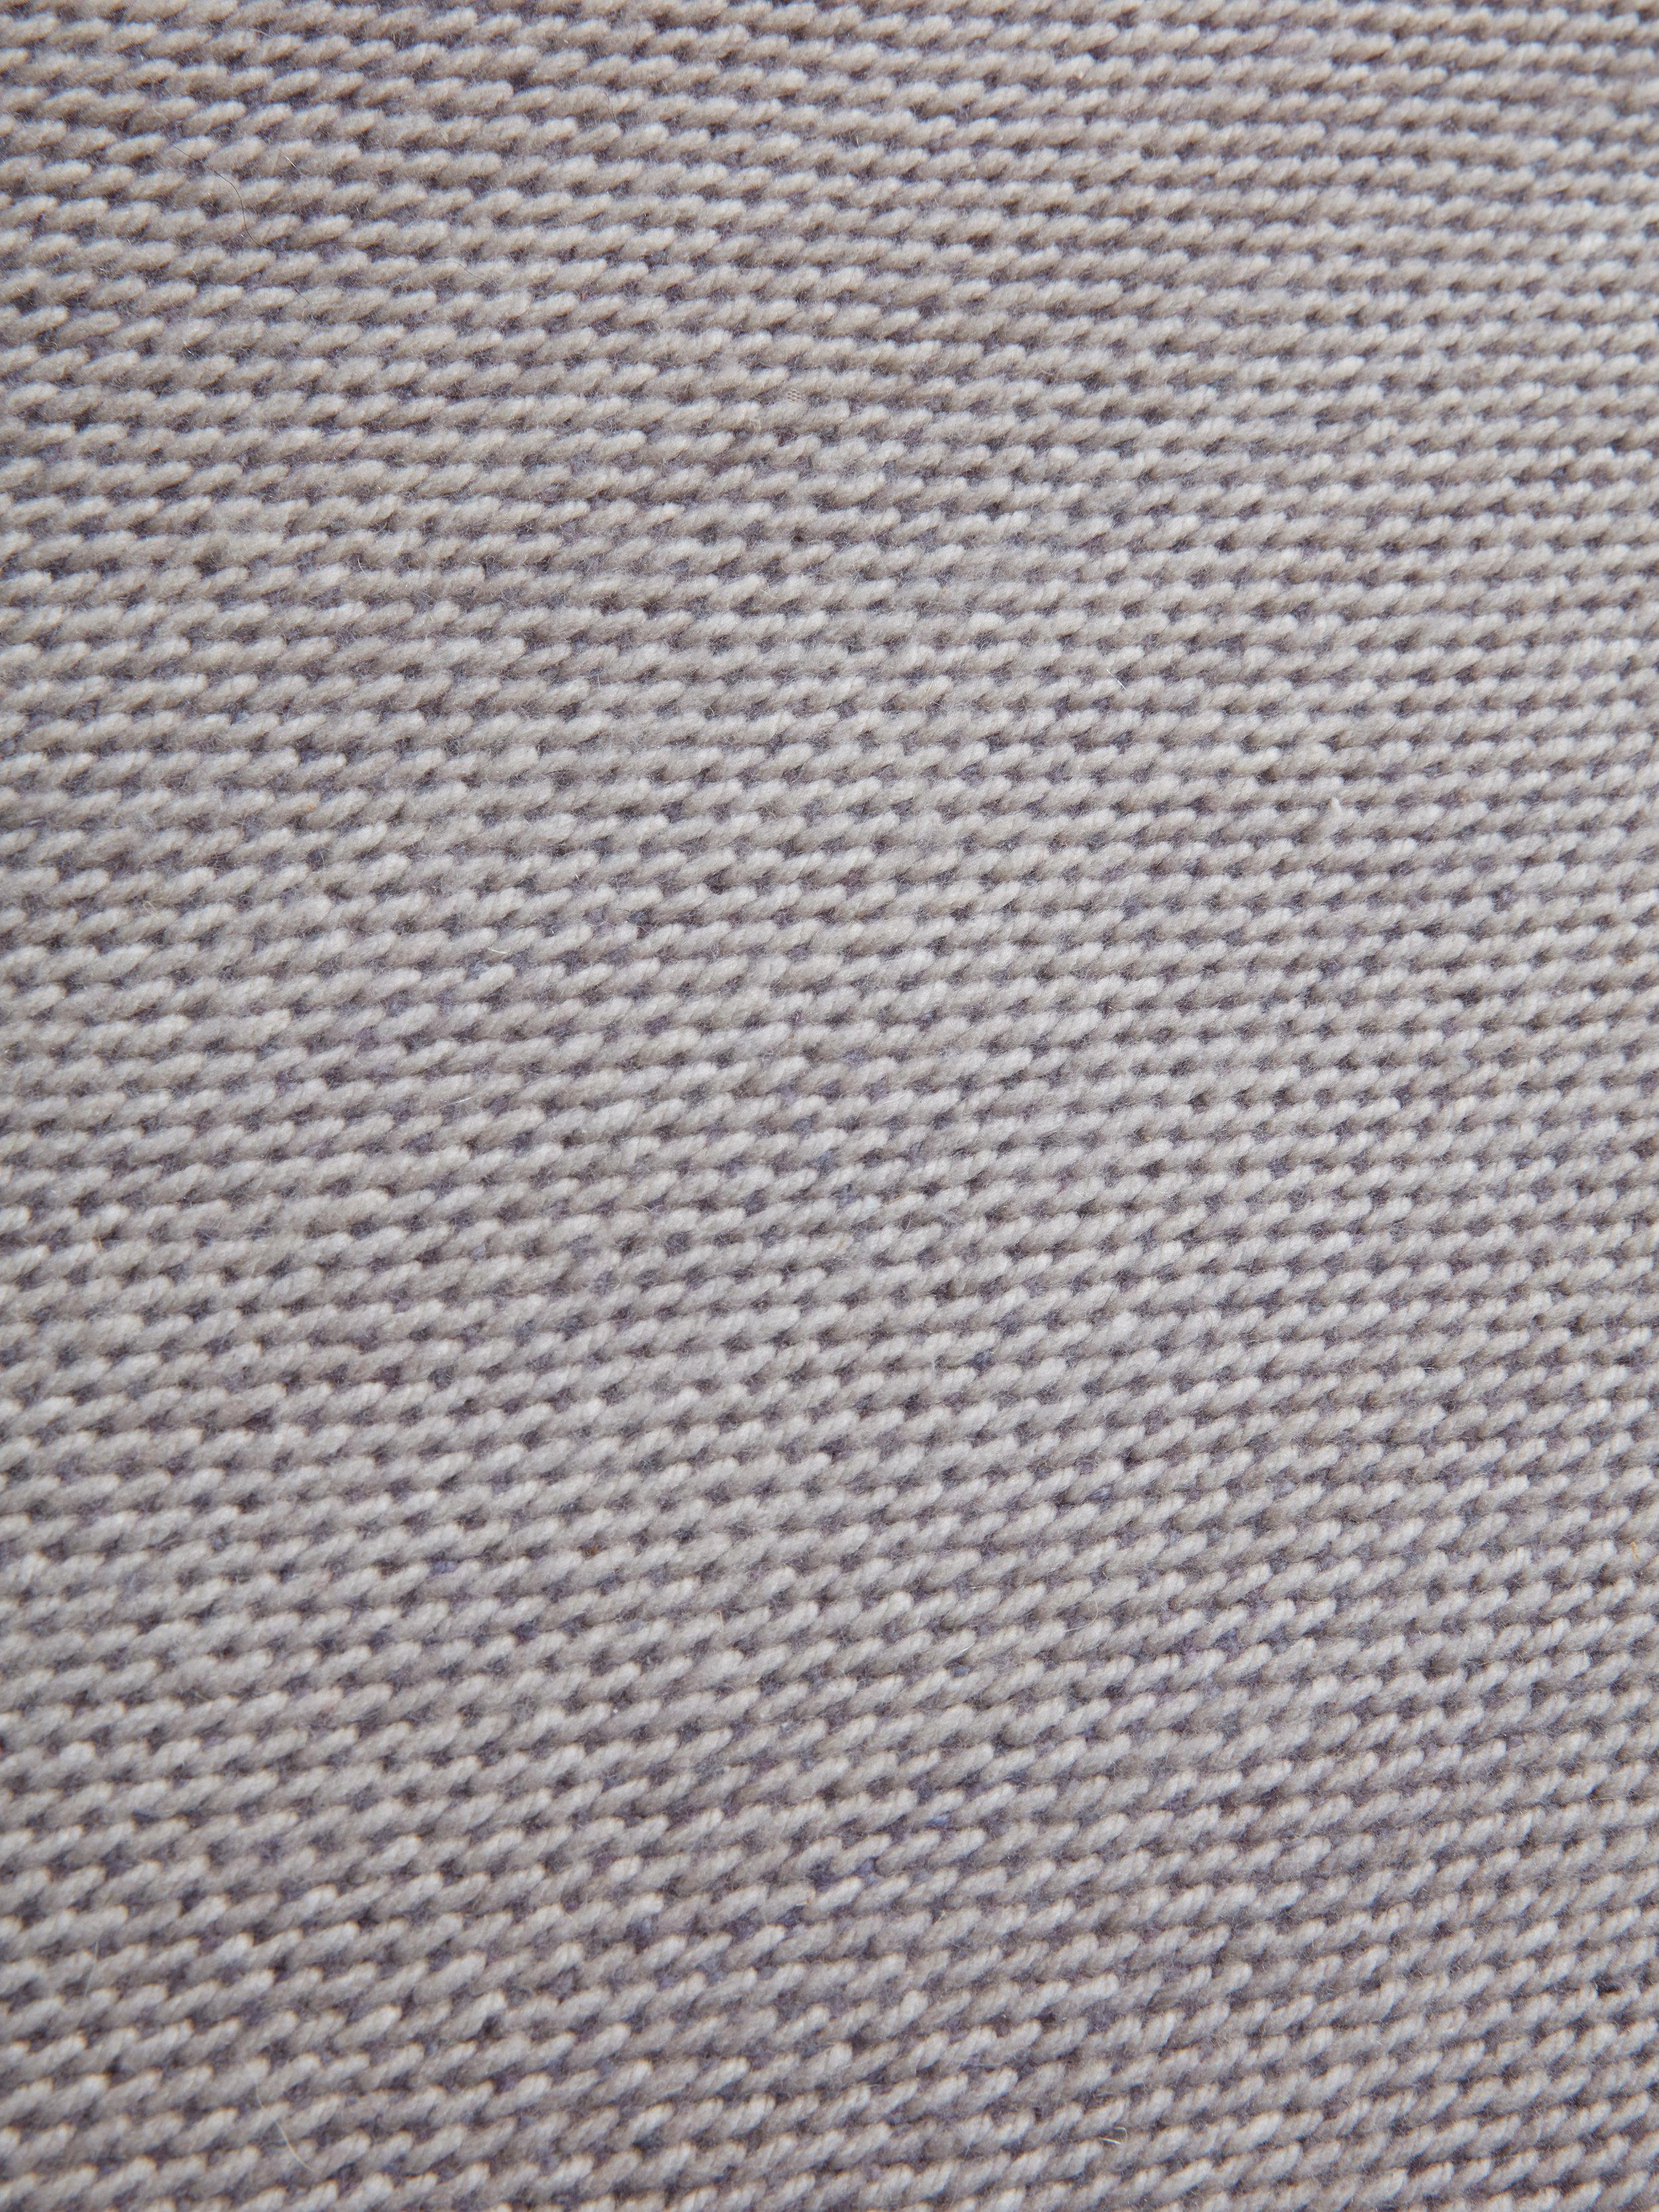 Detail shot of Ren Area Rug